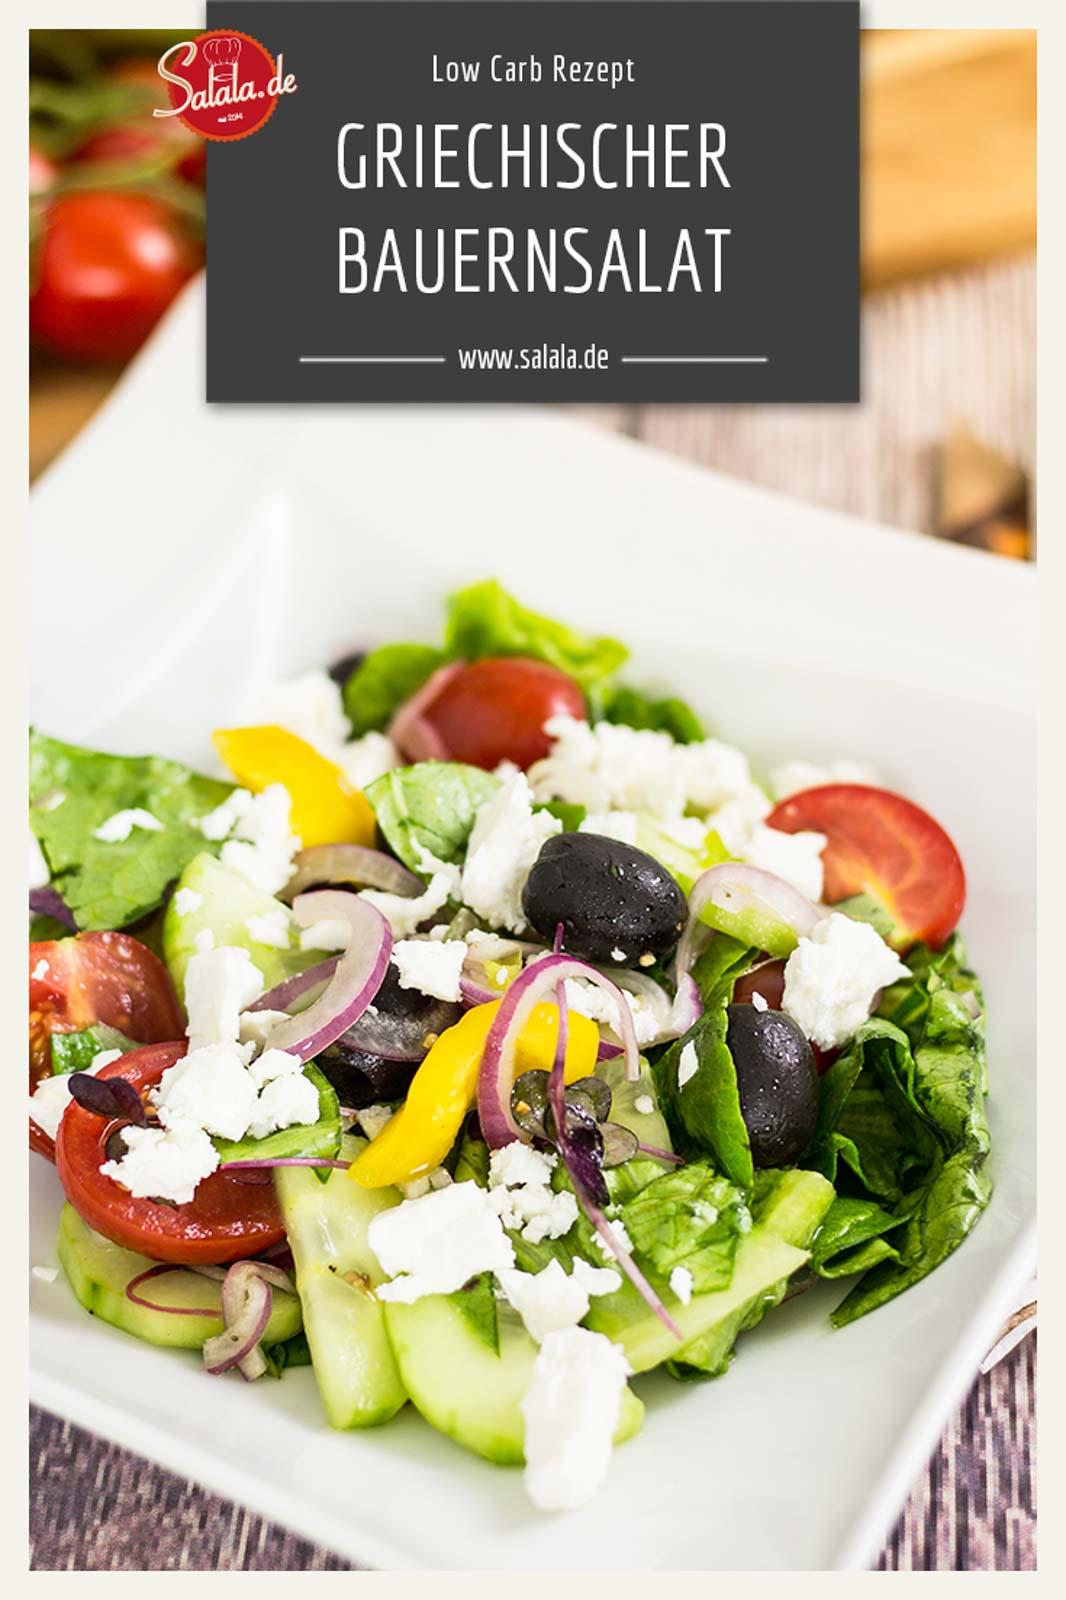 Griechischer Bauernsalat selber machen Rezept ohne Kohlenhydrate Low Carb mit Feta #lowcarb #zuckerfrei #salat